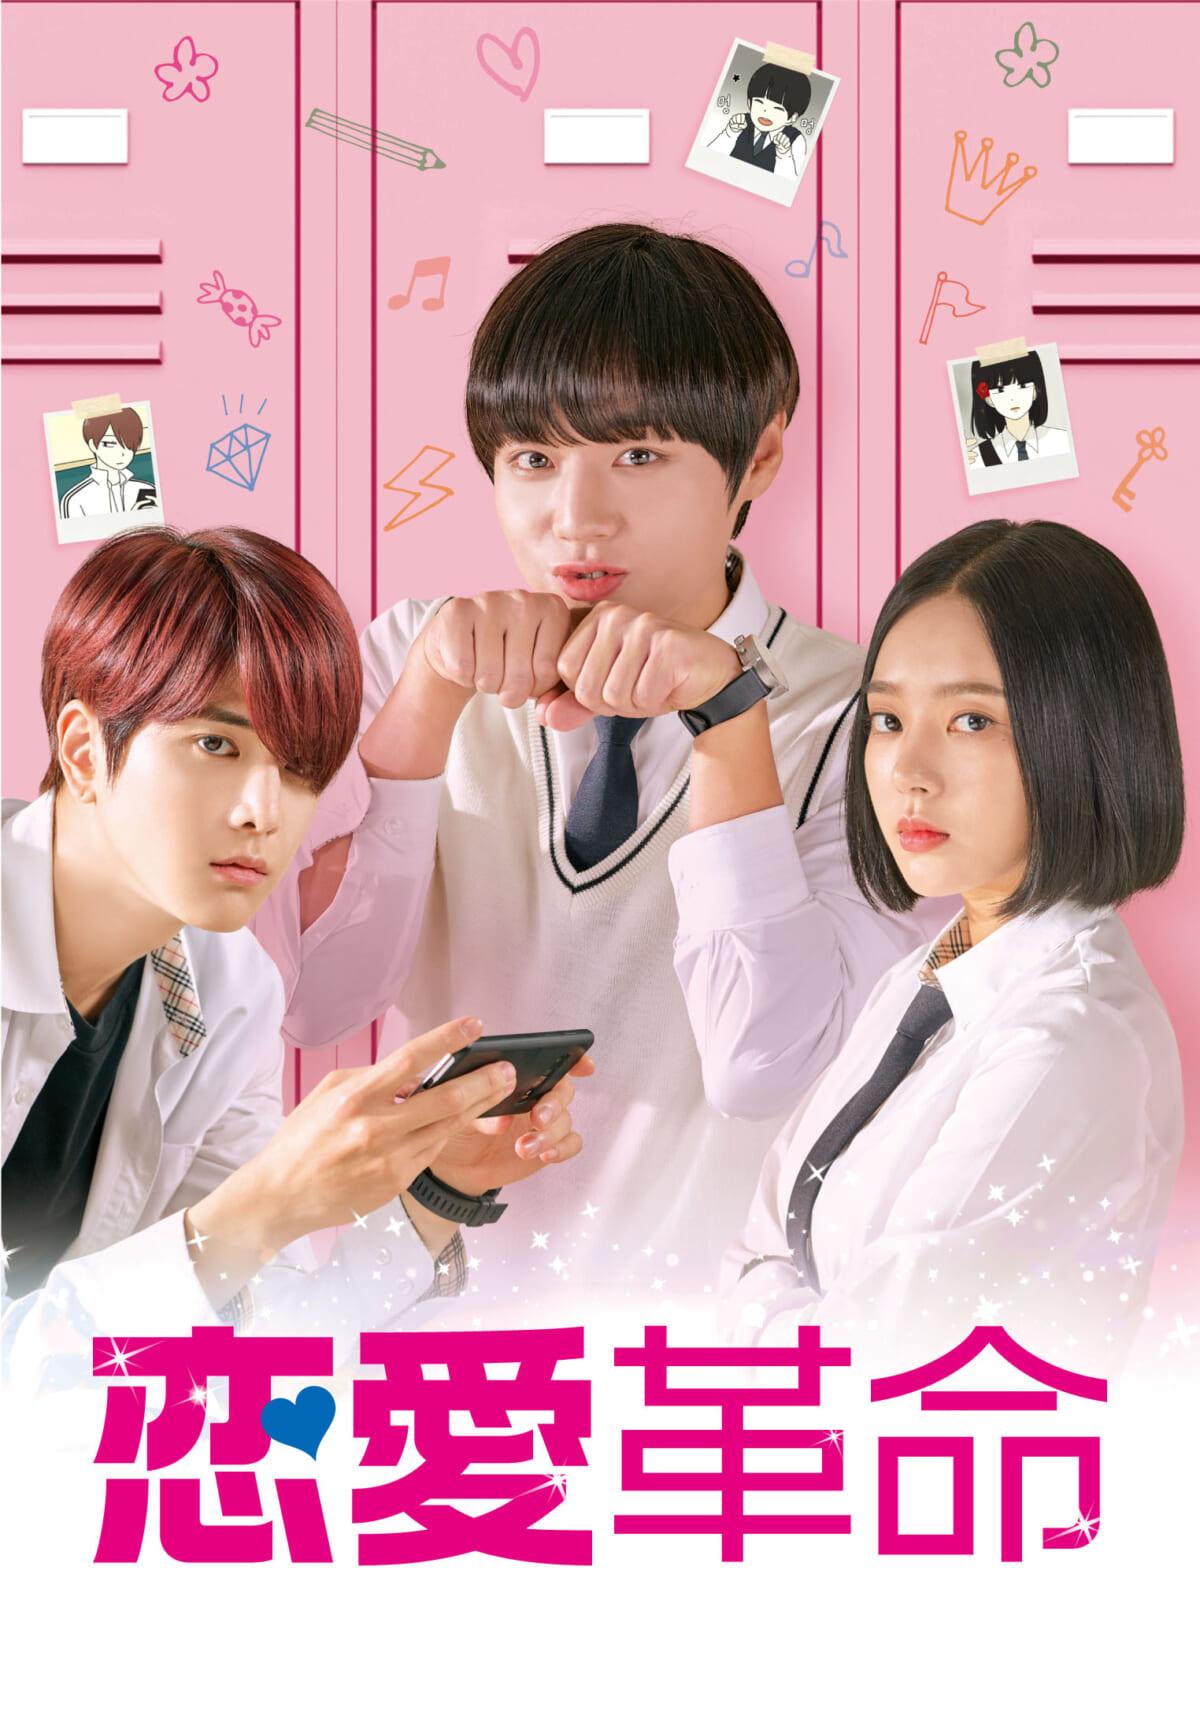 韓国ドラマ『恋愛革命』